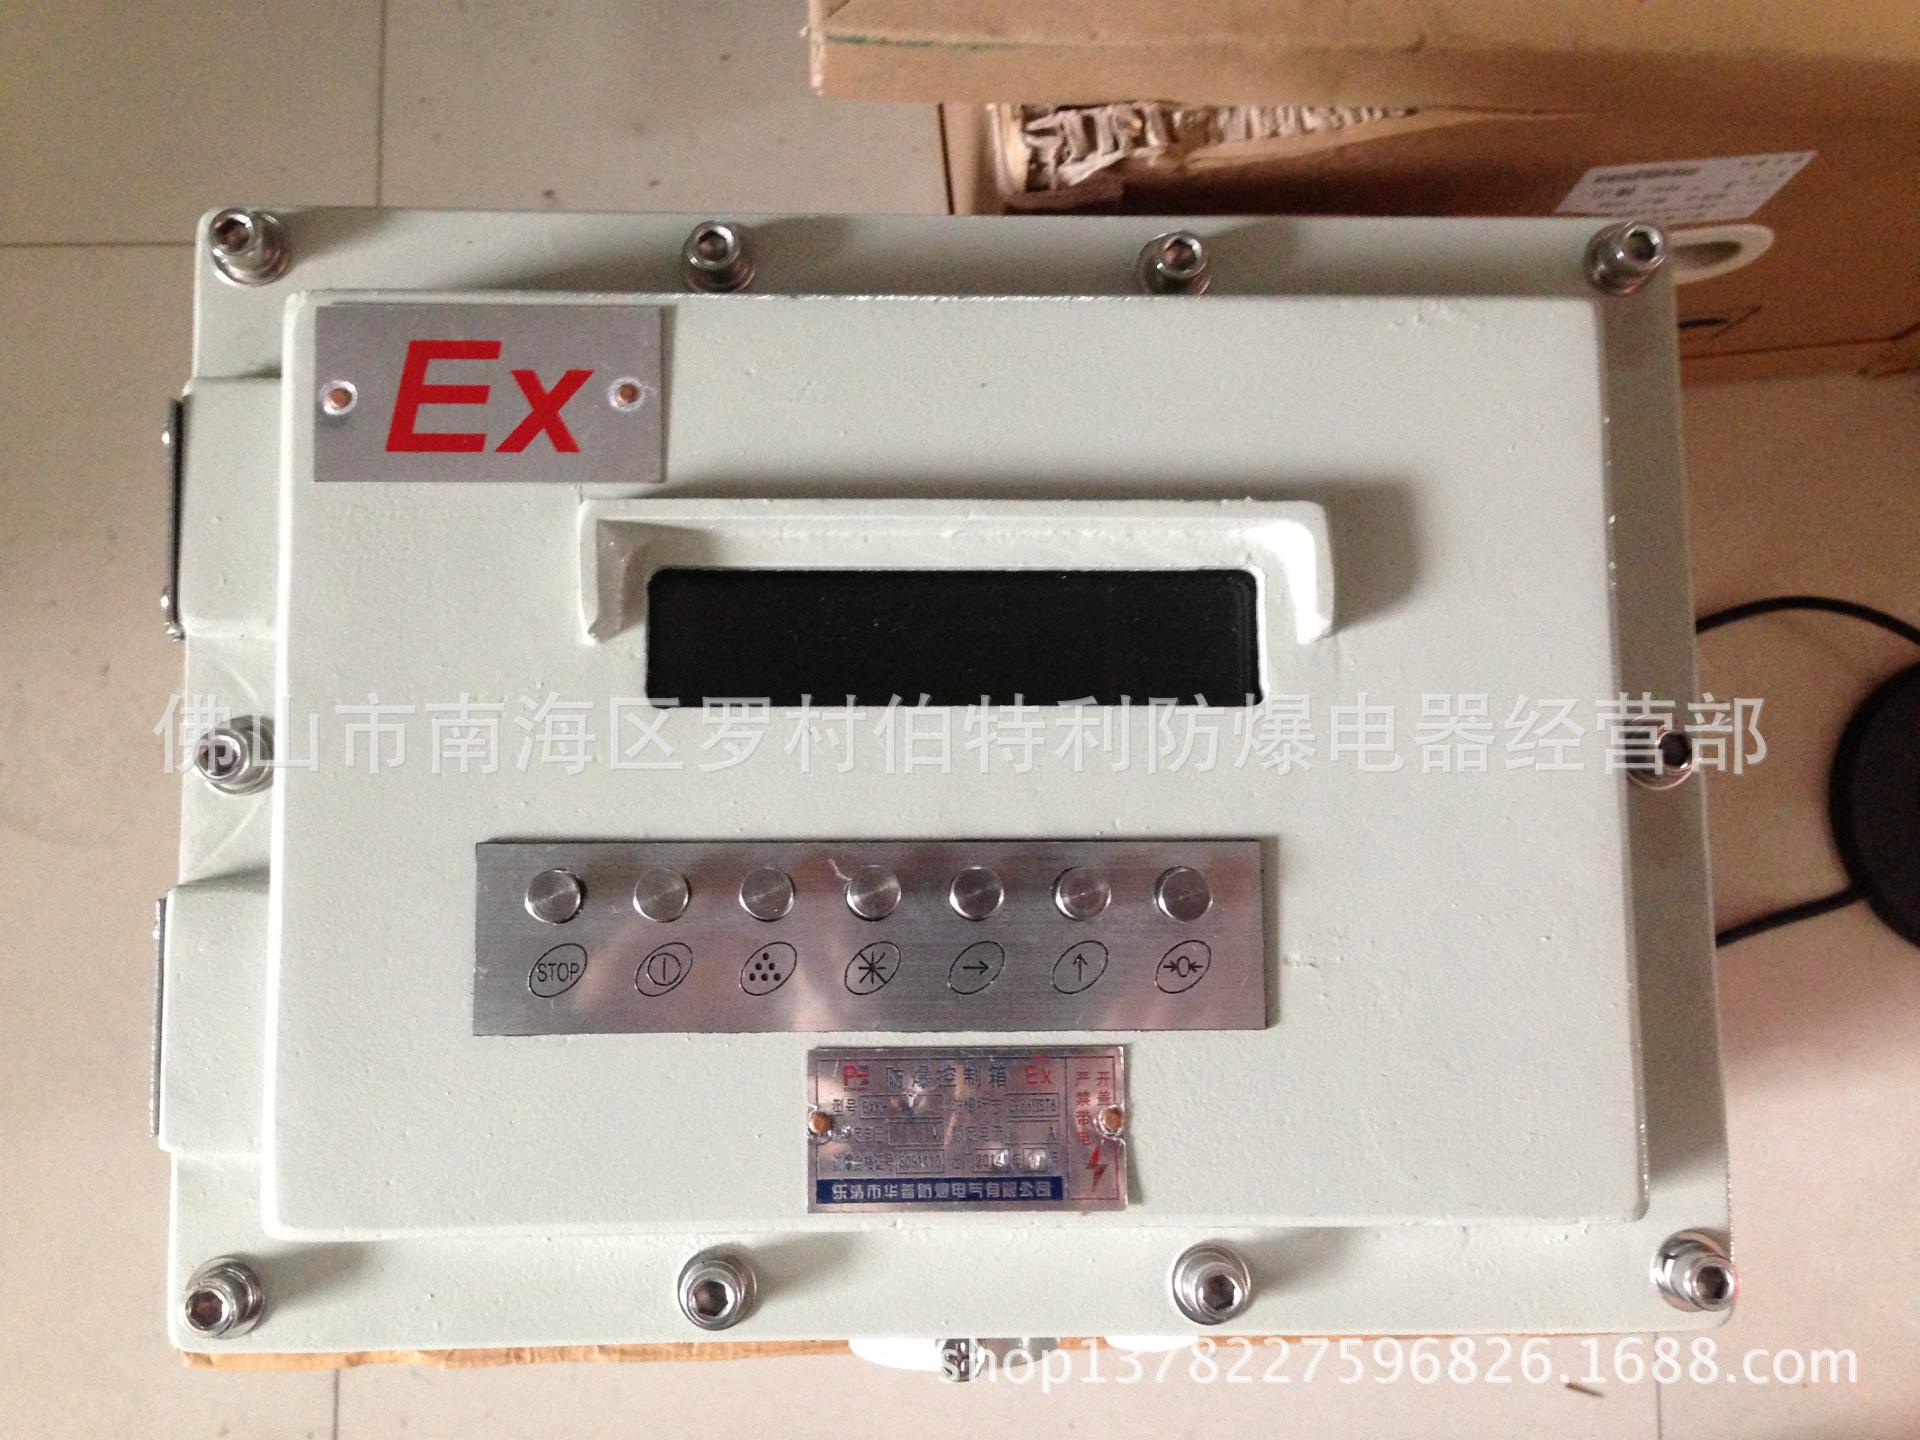 防爆电子称箱 BXK系列 防爆台秤 隔爆型称重仪表 防爆地磅